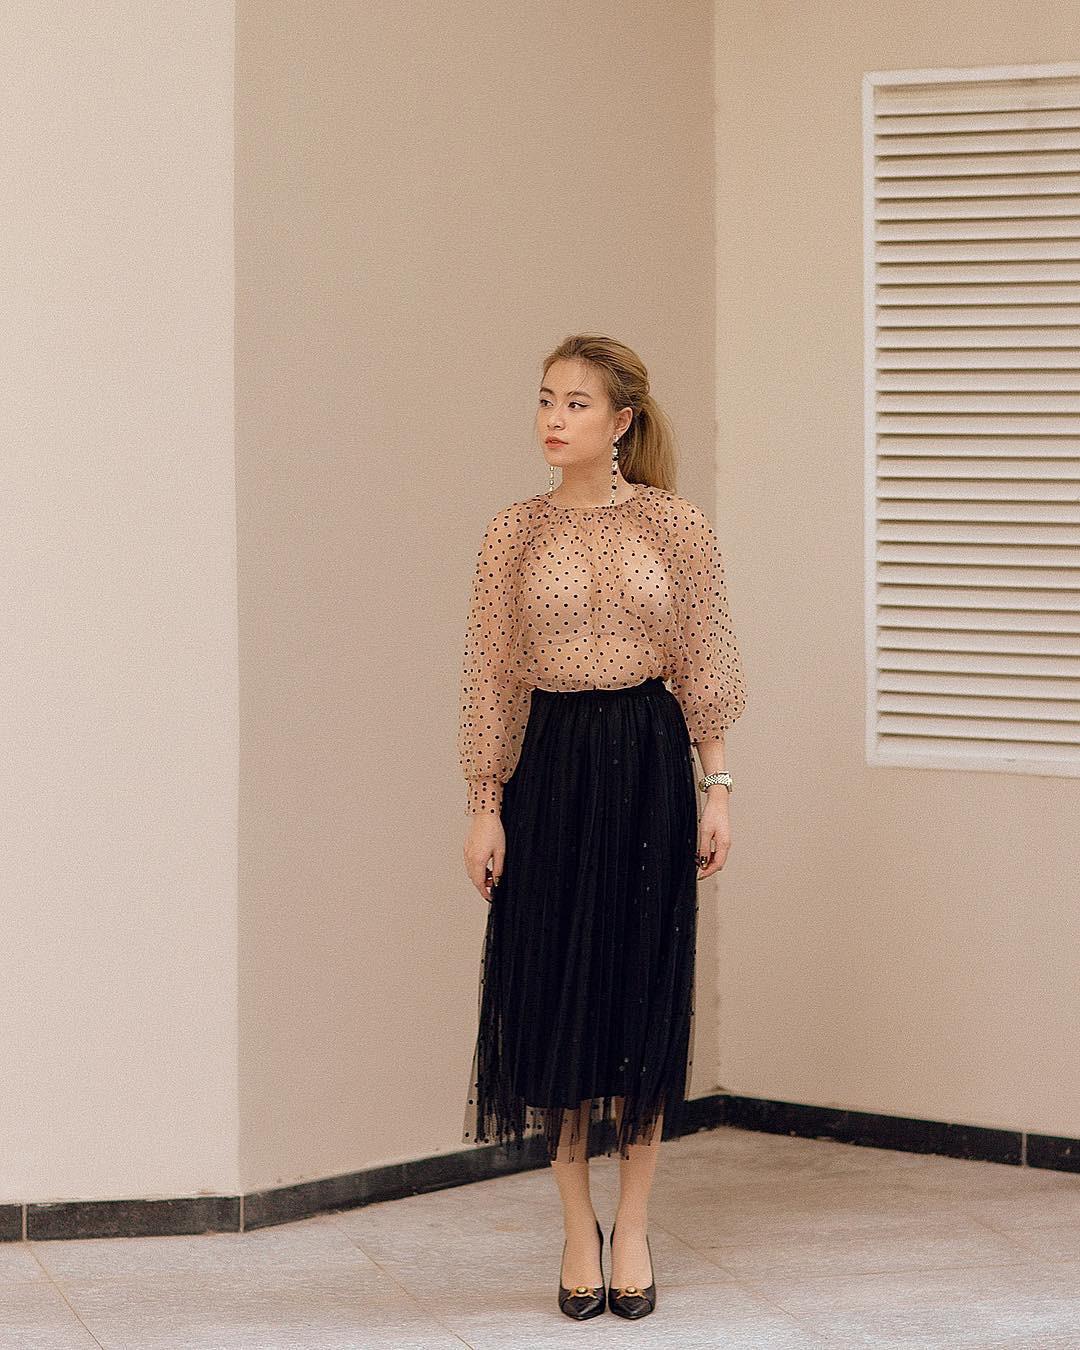 Chân váy xếp ly vẫn chưa hạ nhiệt: Được các sao nữ nổi tiếng mặc đẹp mê tít, mix&match bao kiểu tuyệt xinh - Ảnh 8.